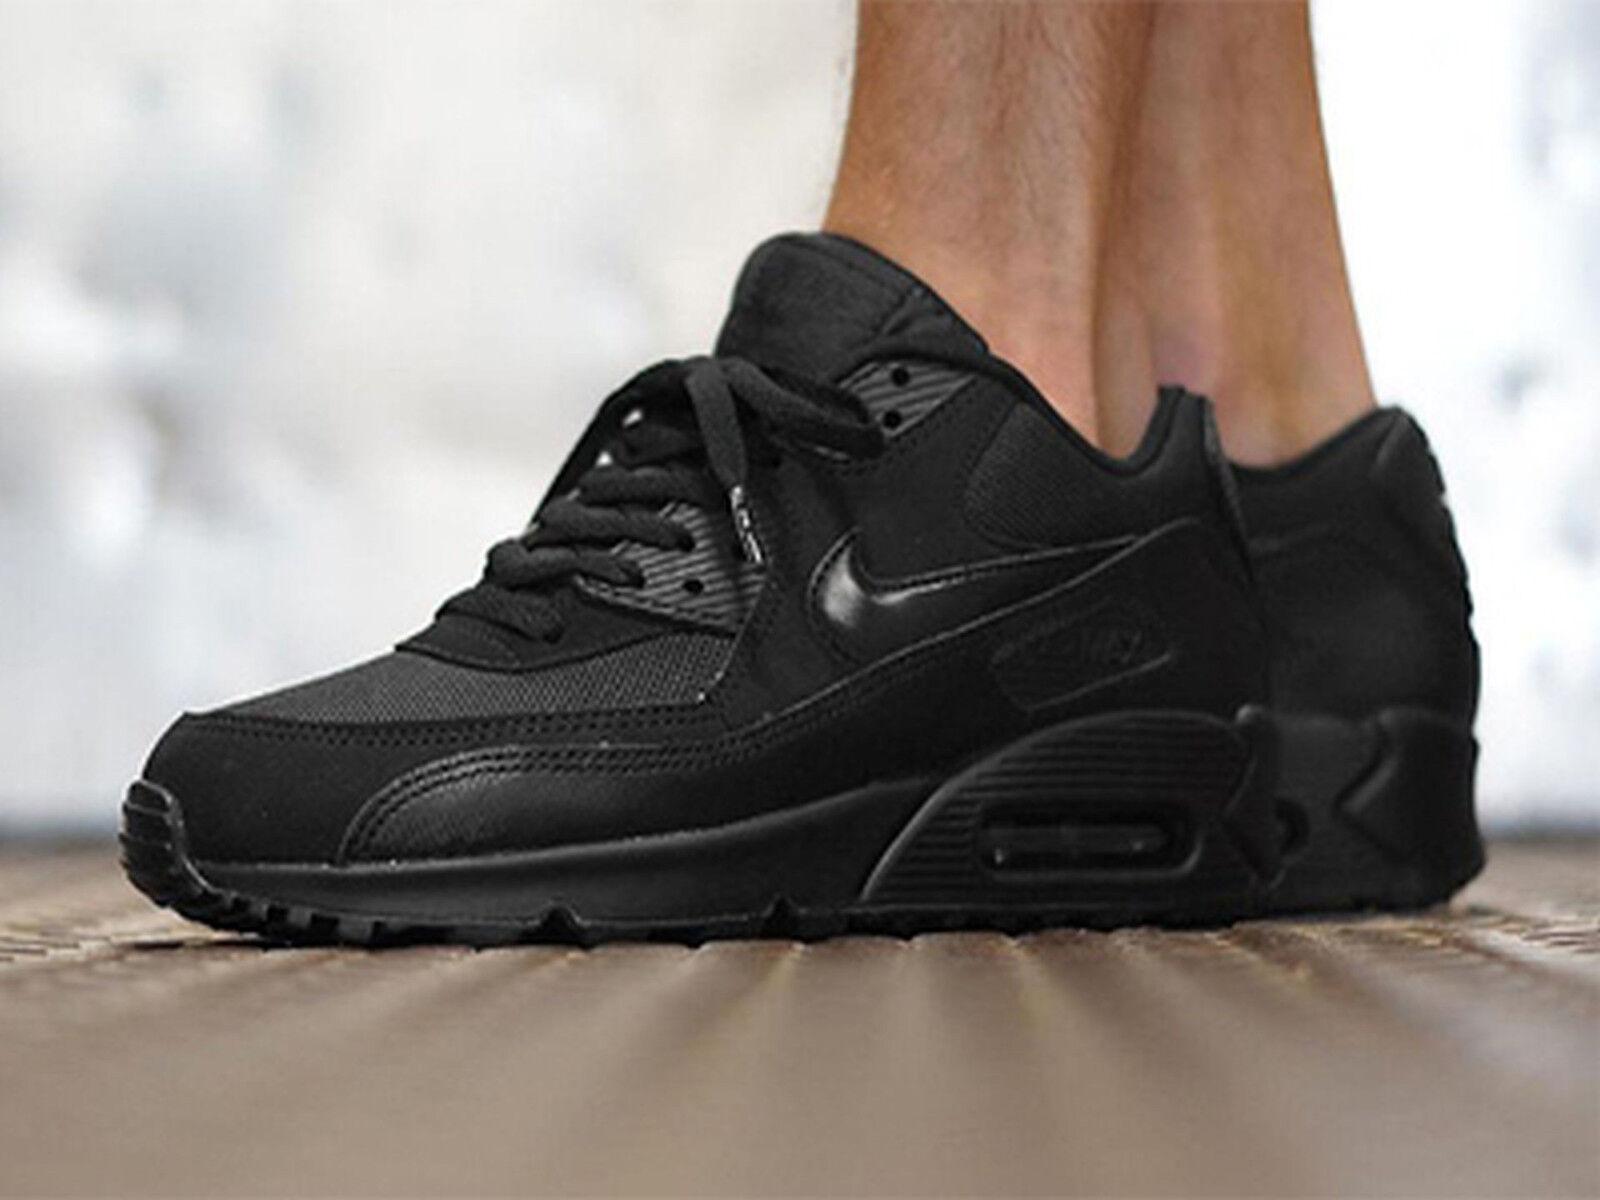 Nike air max 90 essenziale Uomo sz 13 537384-092 nero / nero / nero correre